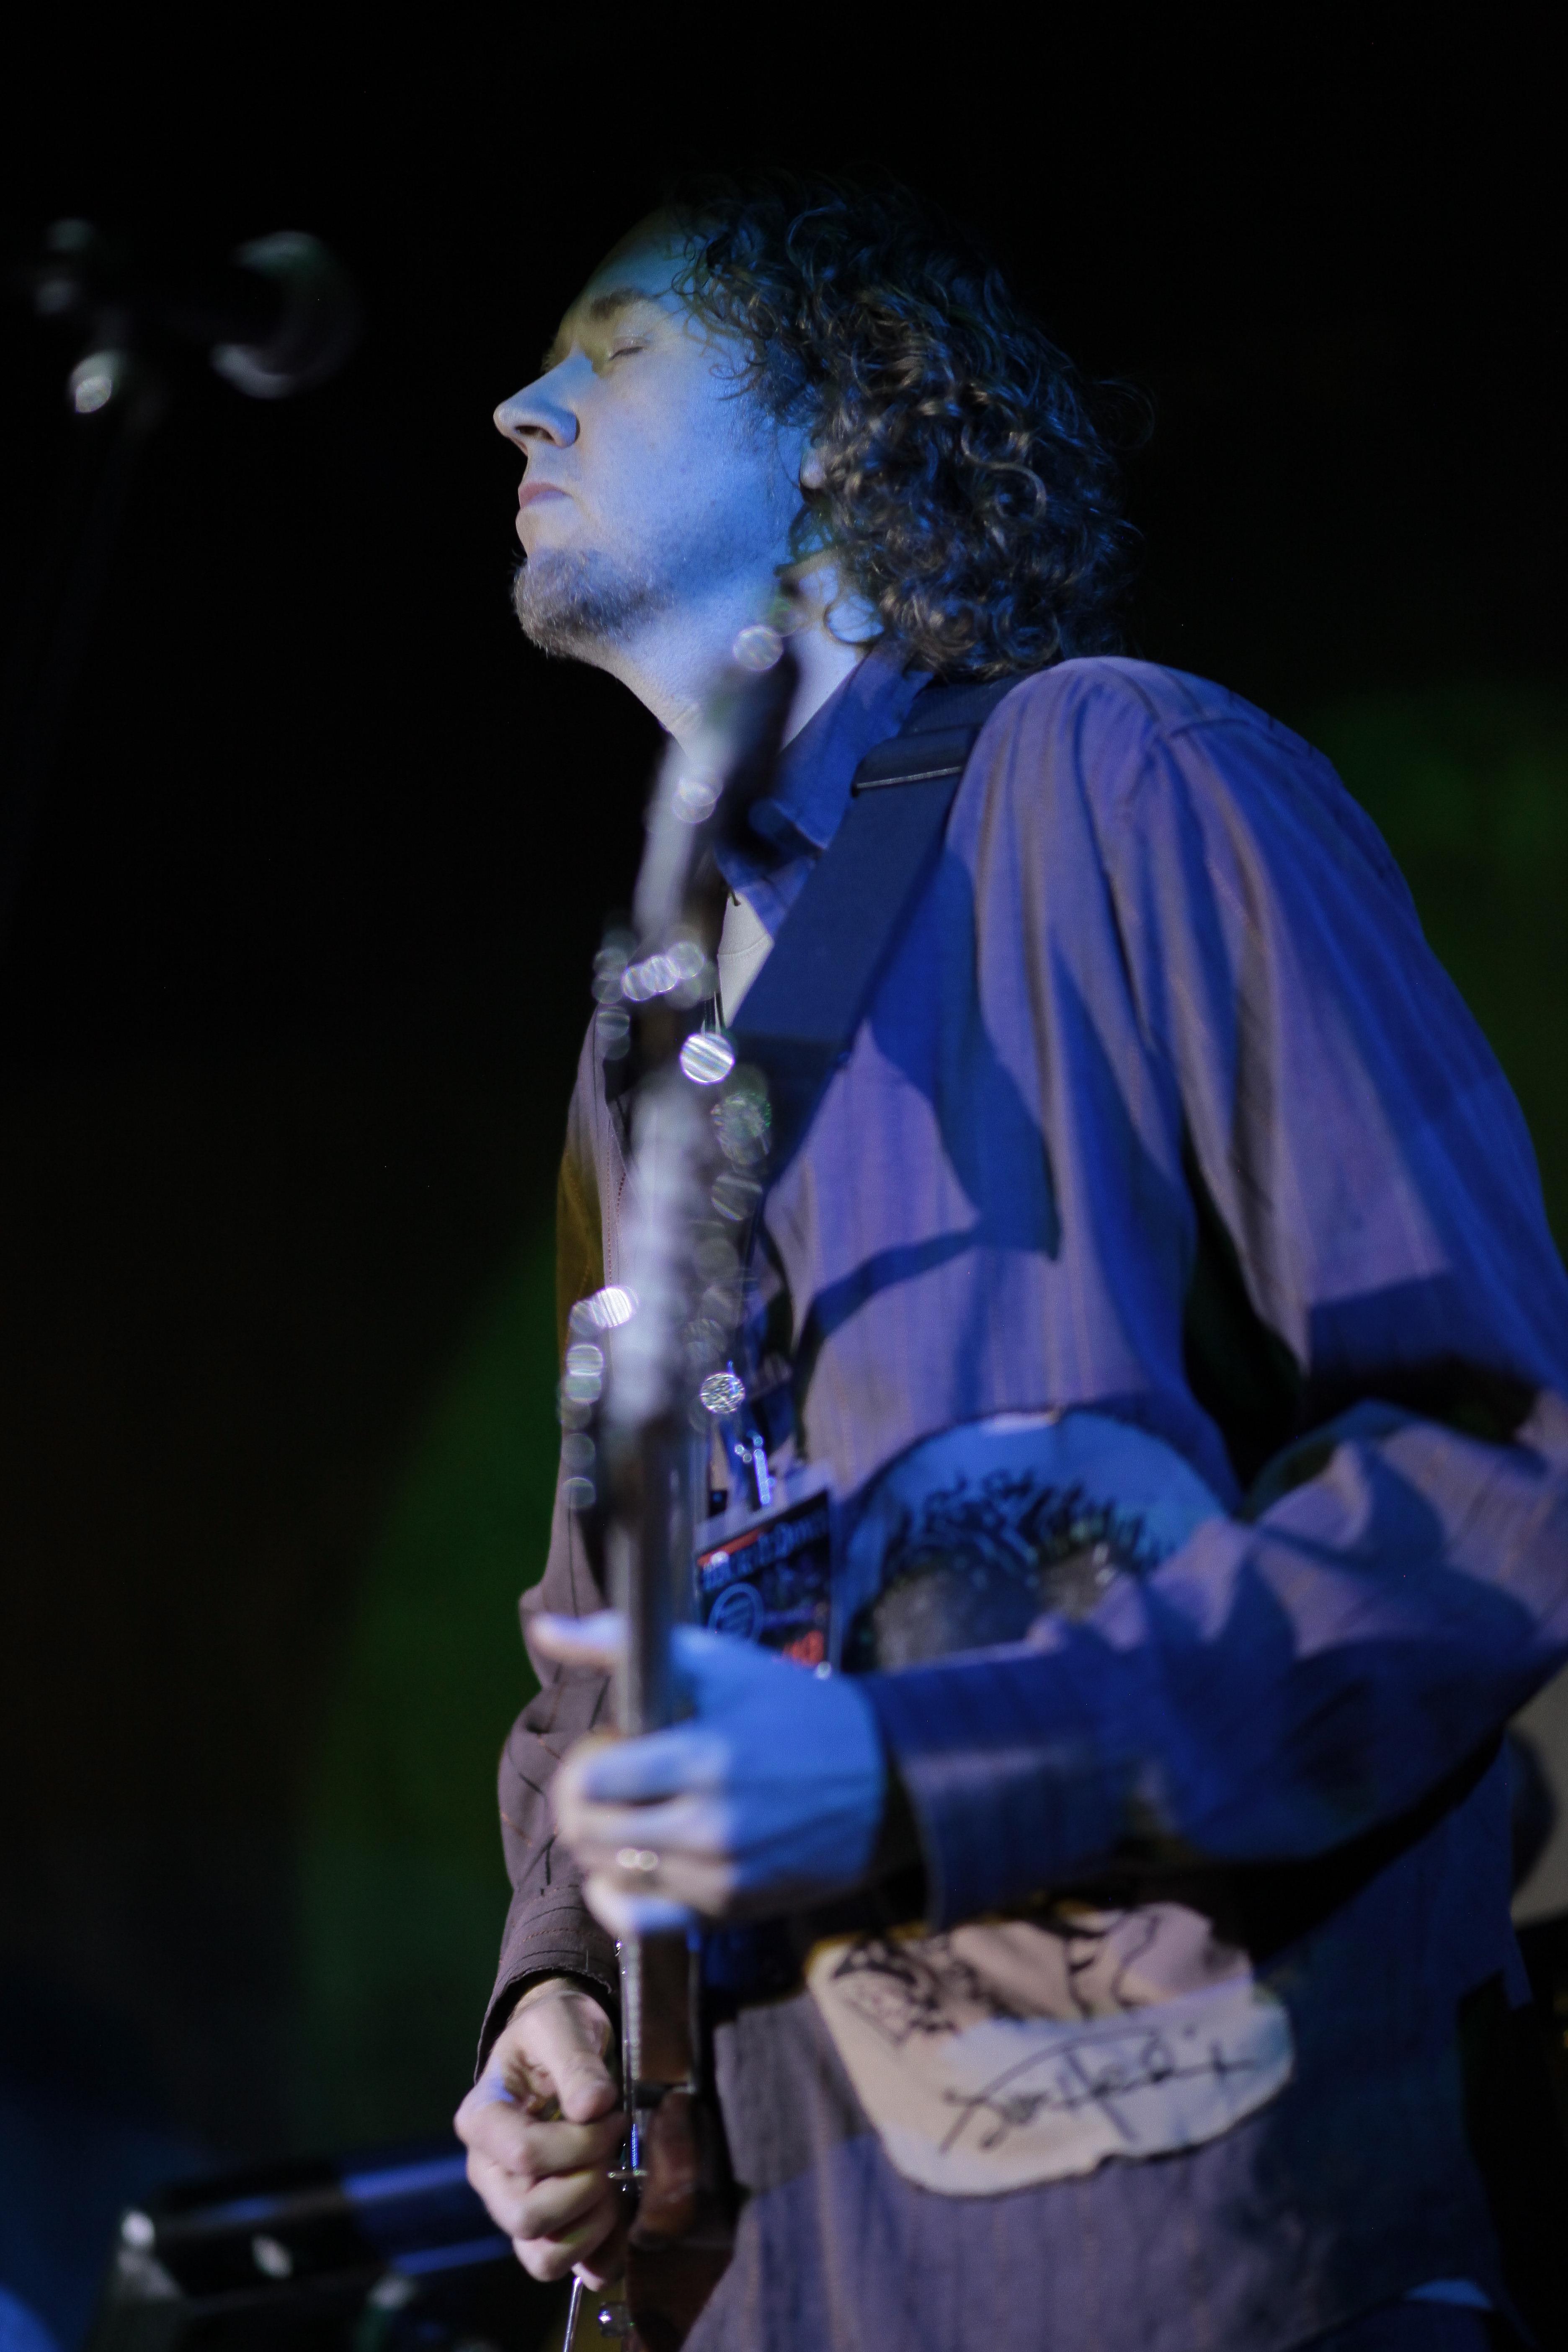 Jared Meeker on guitar